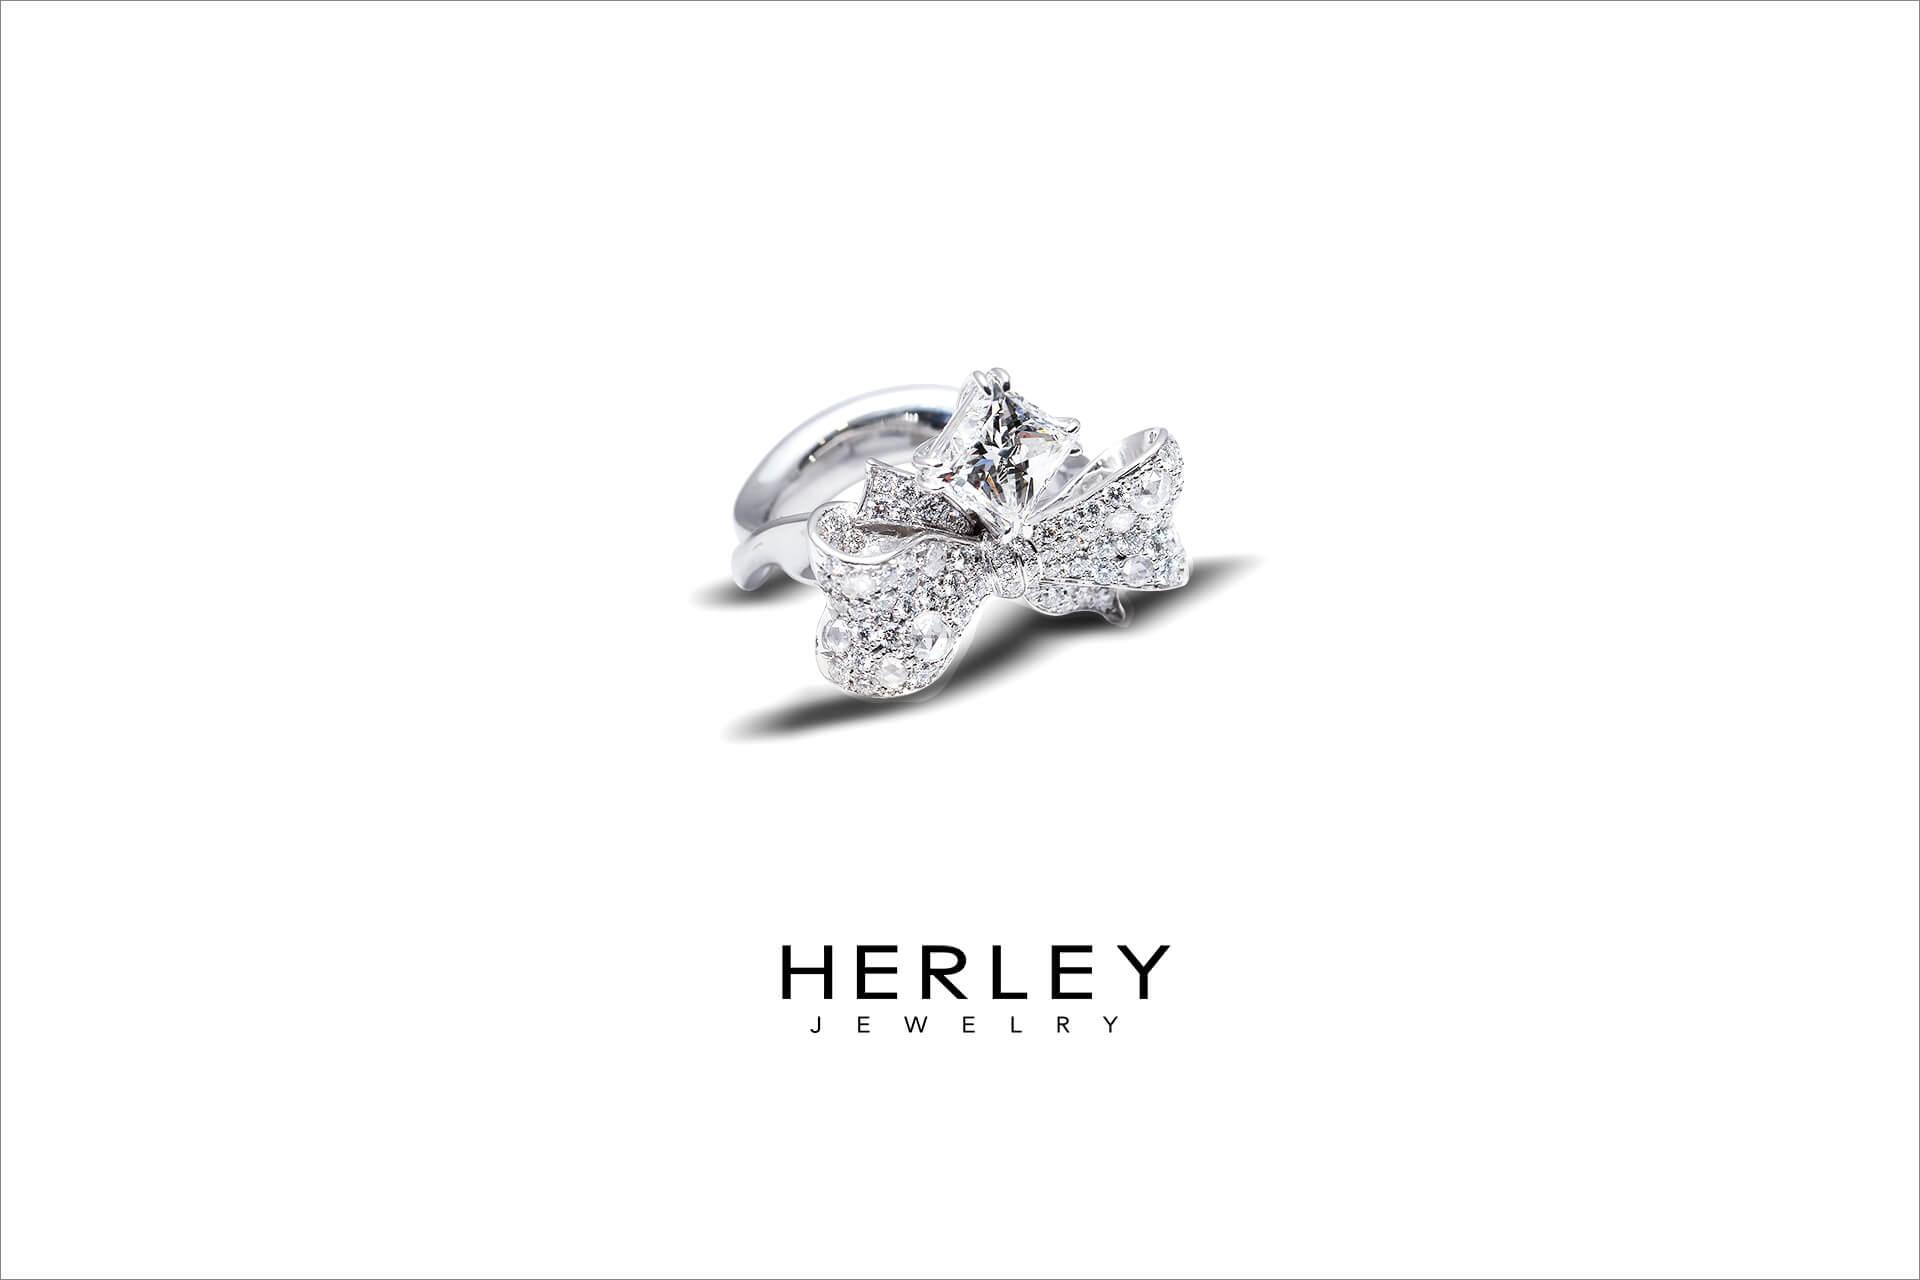 此珠寶設計以「彼此的禮物」為概念發想,用蝴蝶結的造型襯托1.7克拉的公主方鑽石